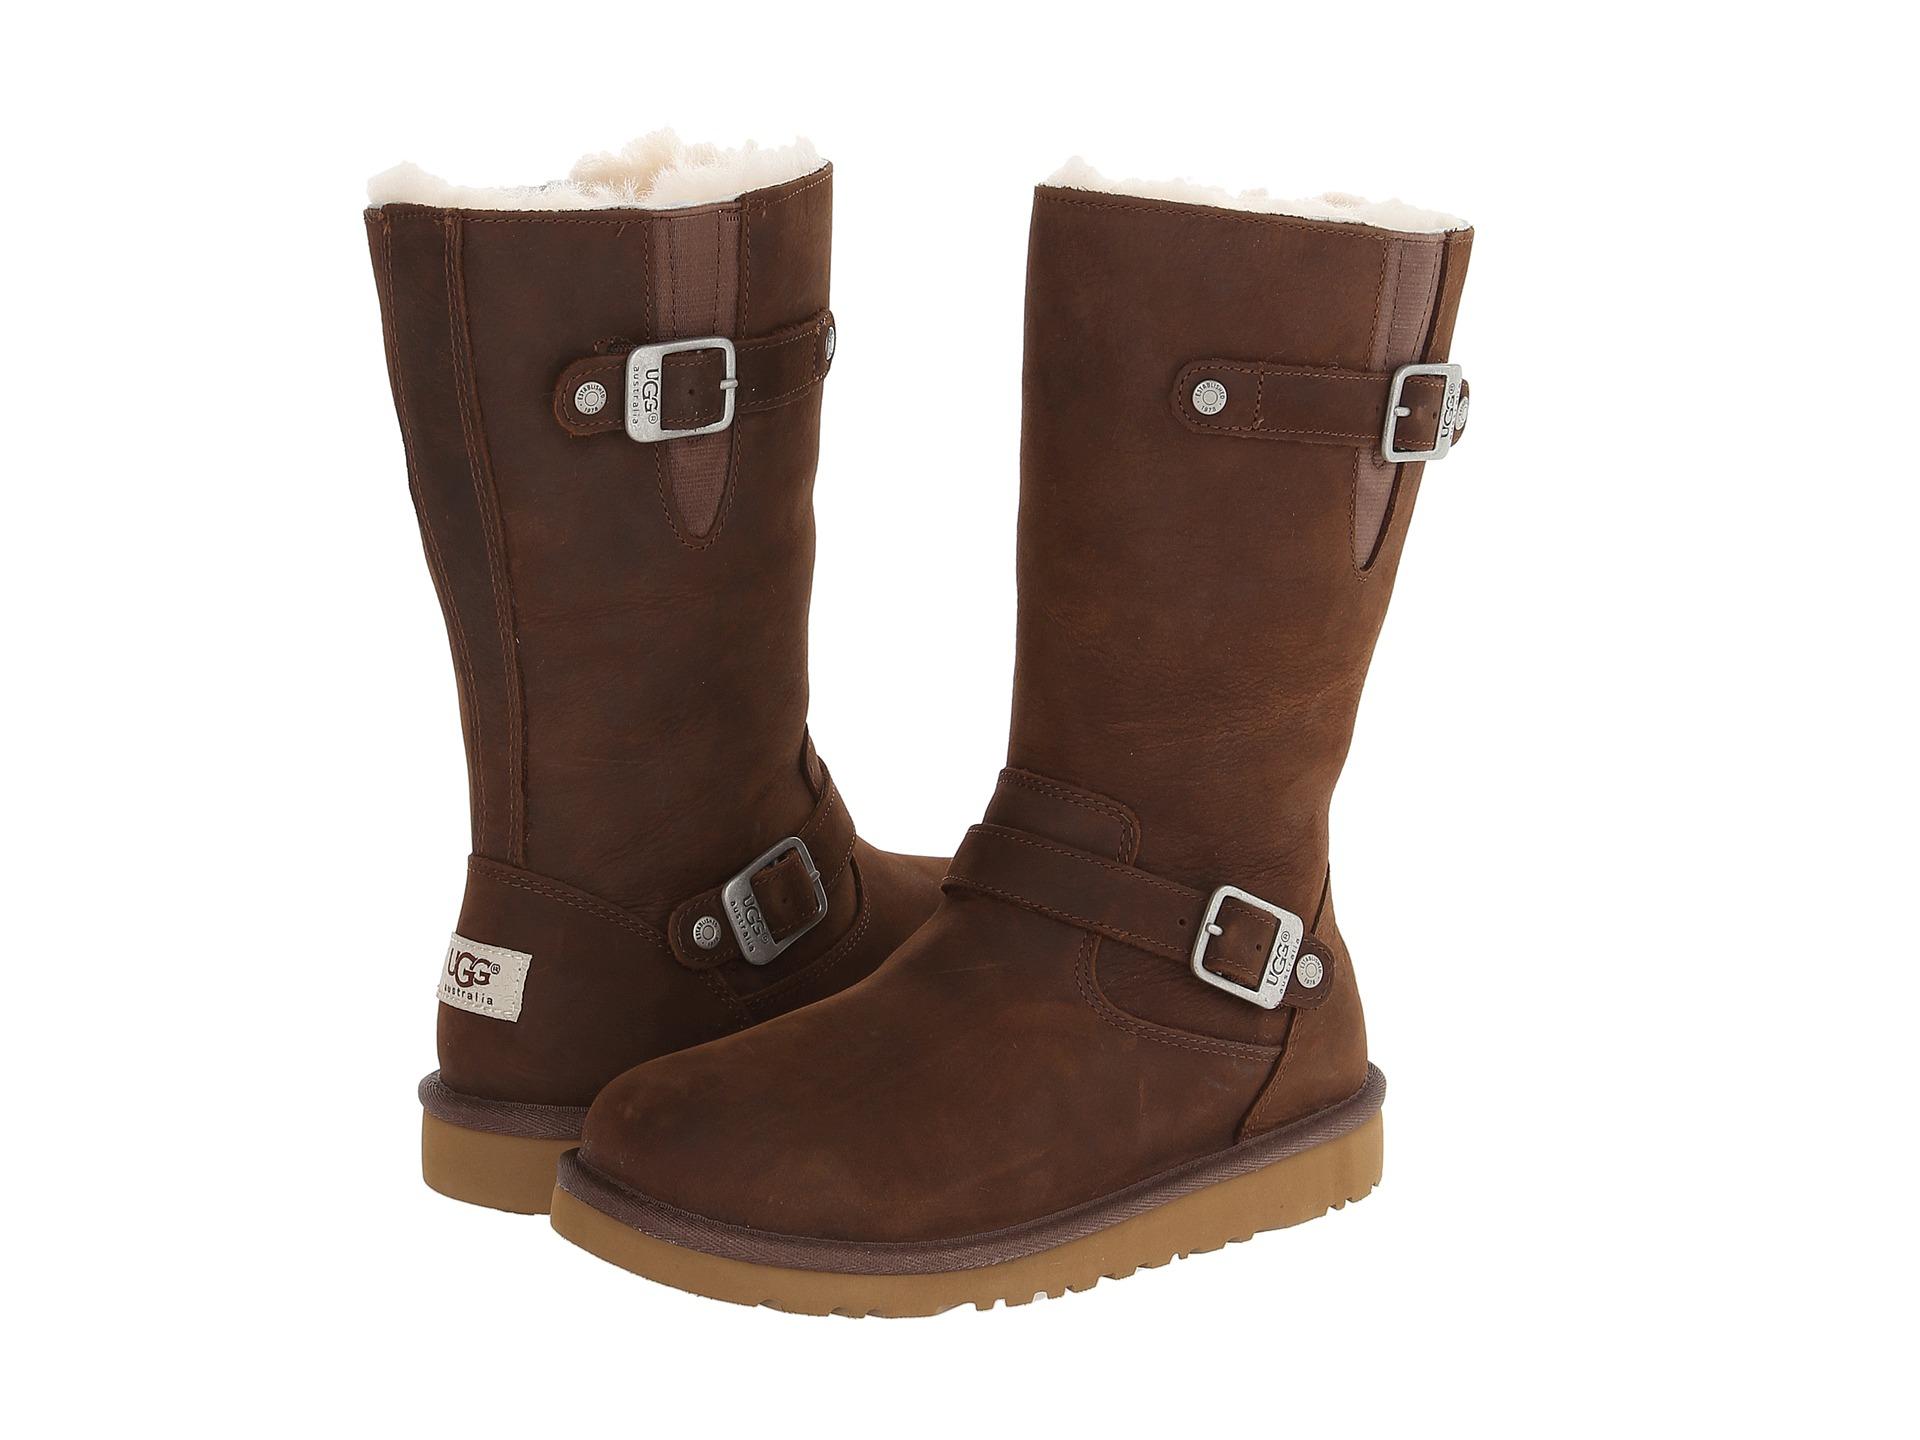 Ugg Kids Tall Ugg Boots